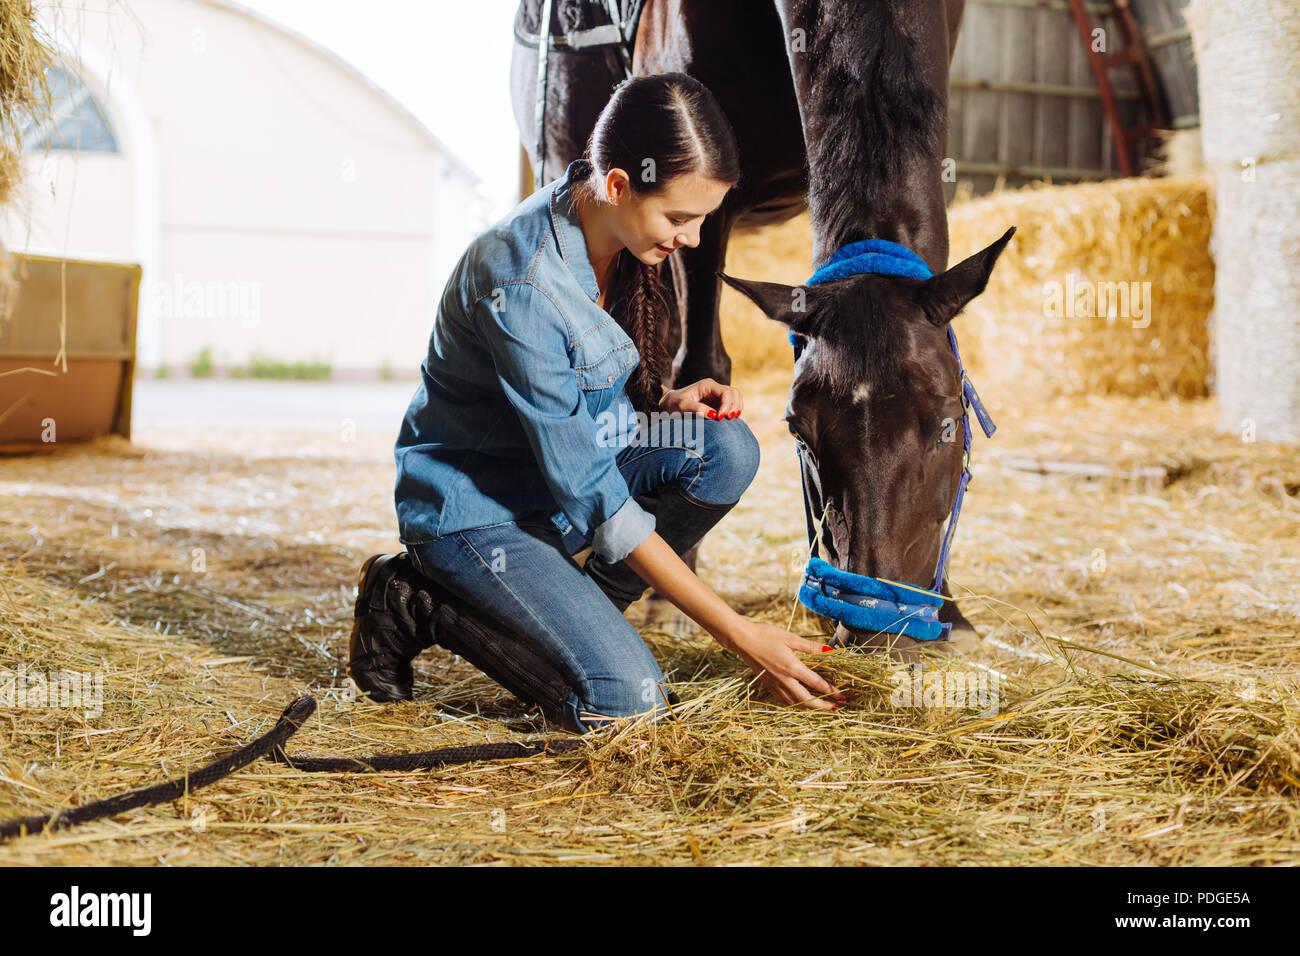 Schöne Reiterin Fütterung braunes Pferd mit etwas Stroh Stockbild